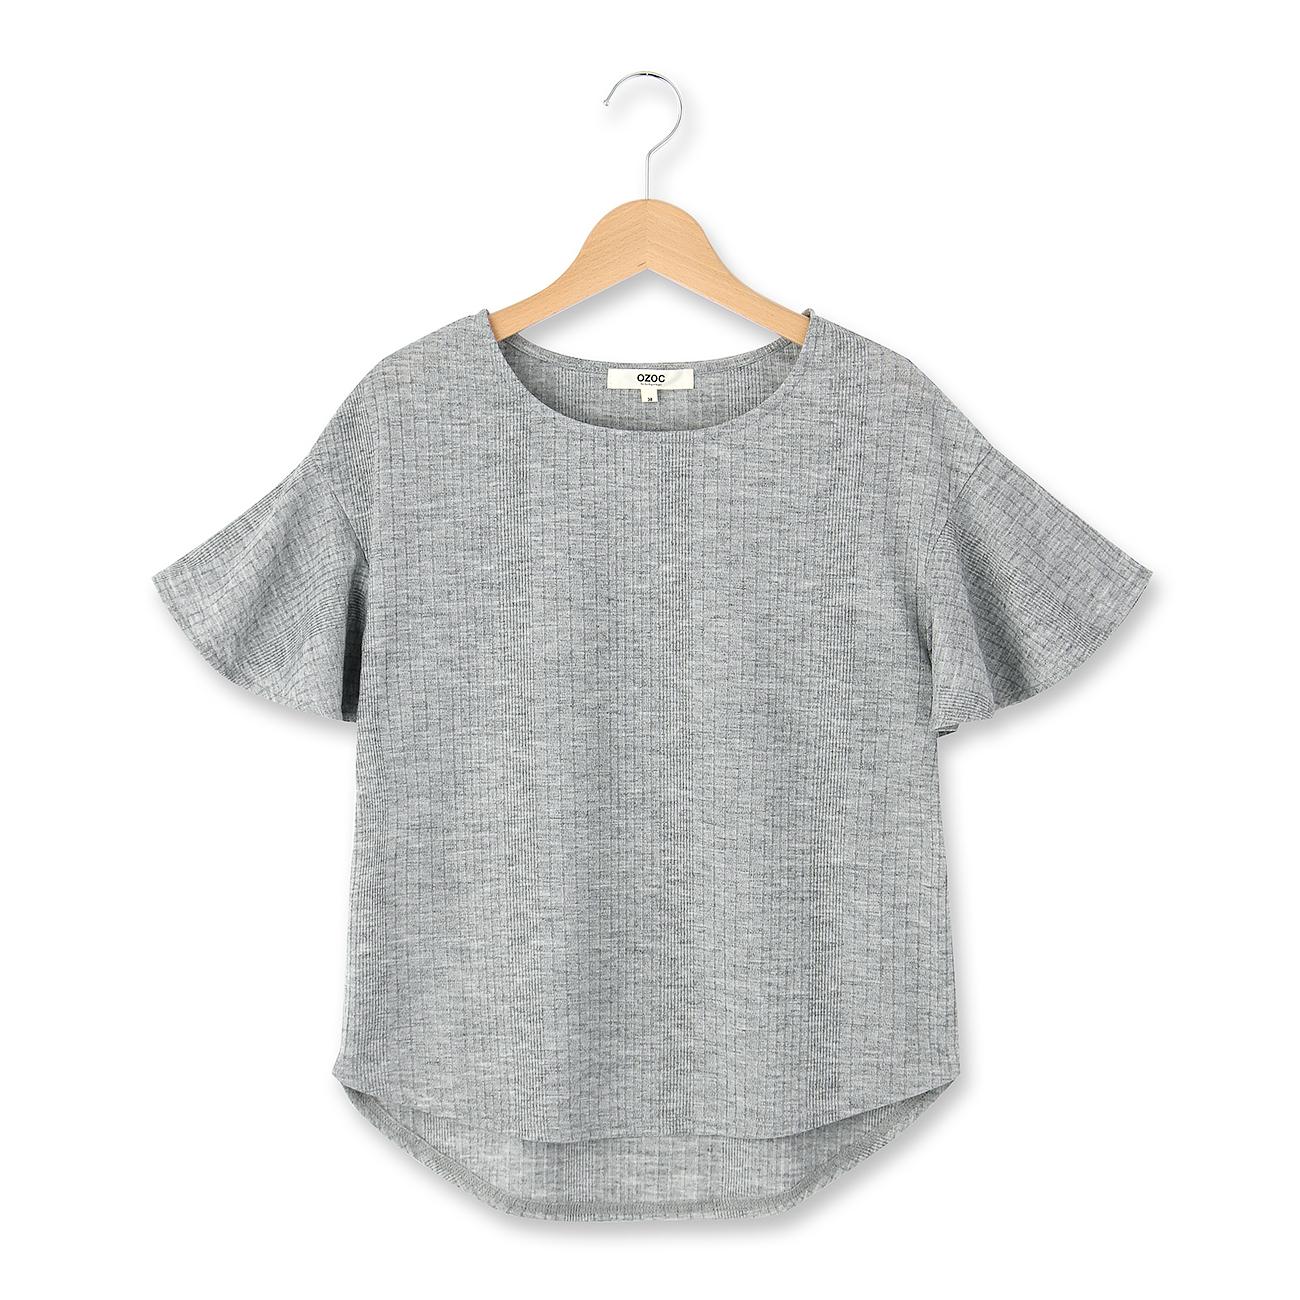 【OZOC (オゾック)】ランダムリブフリルプルオーバーレディース トップス|カットソー・Tシャツ グレー